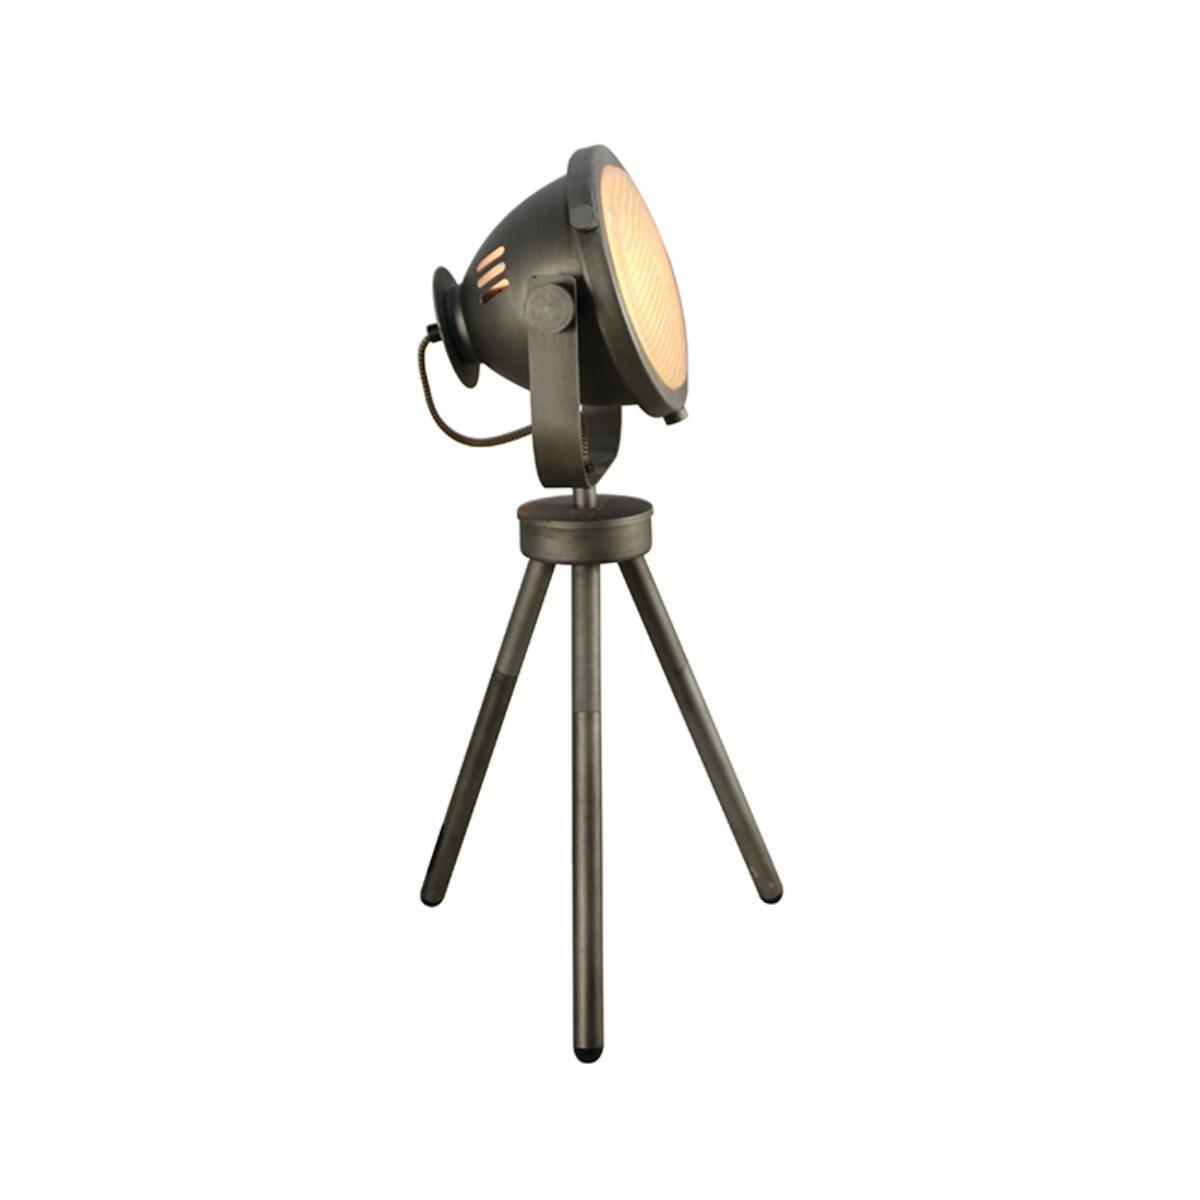 LABEL51 tafellamp 'Tuk-tuk'